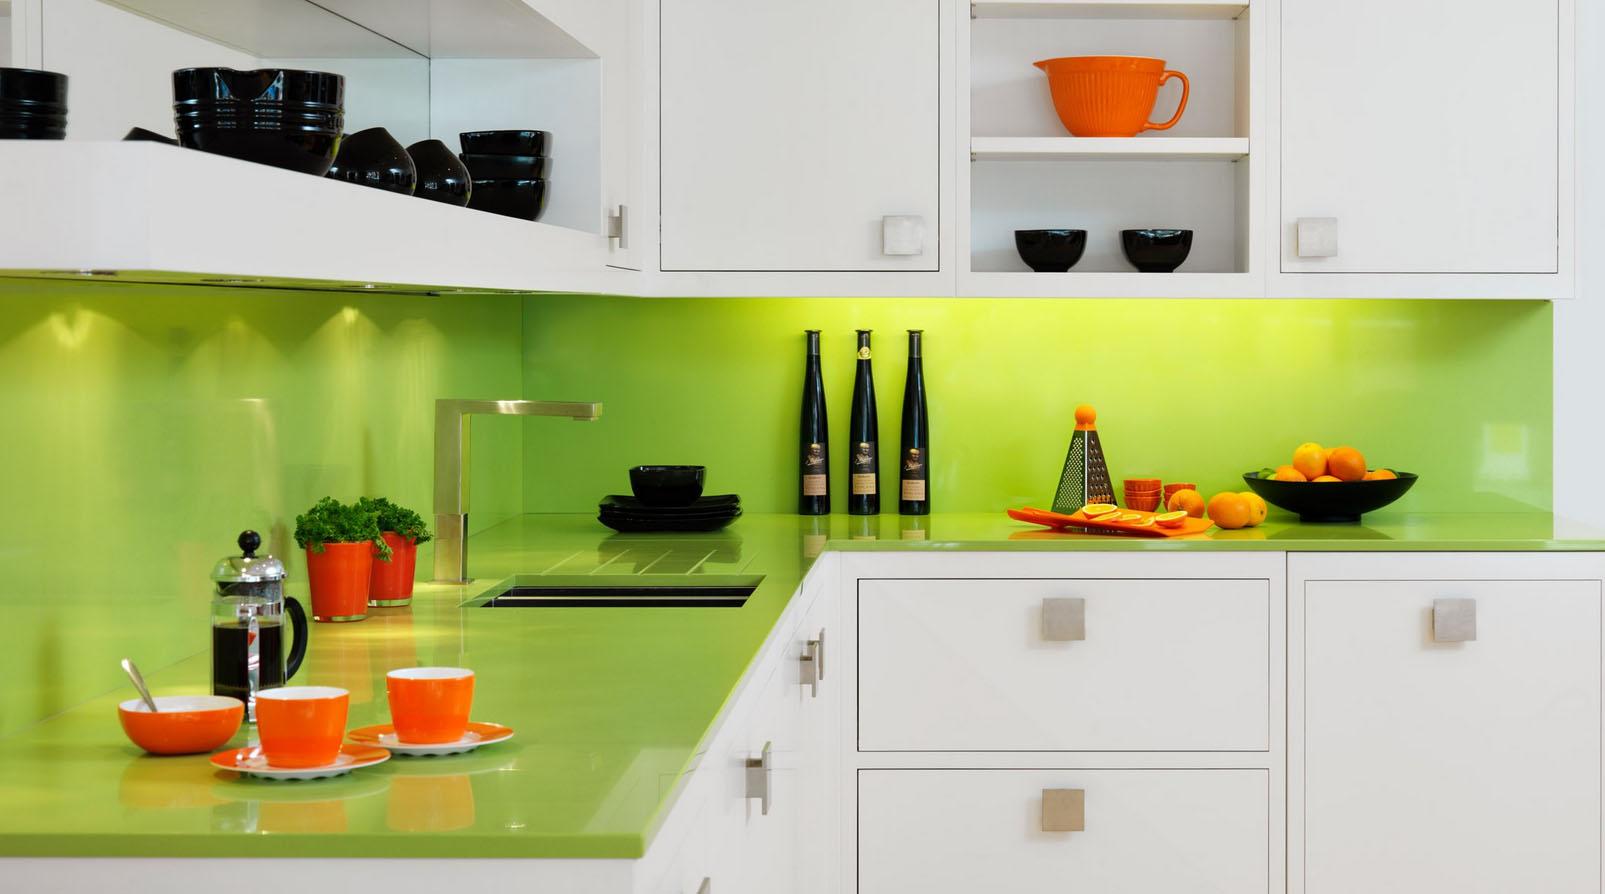 Ярко зелёный цвет фартука и столешницы